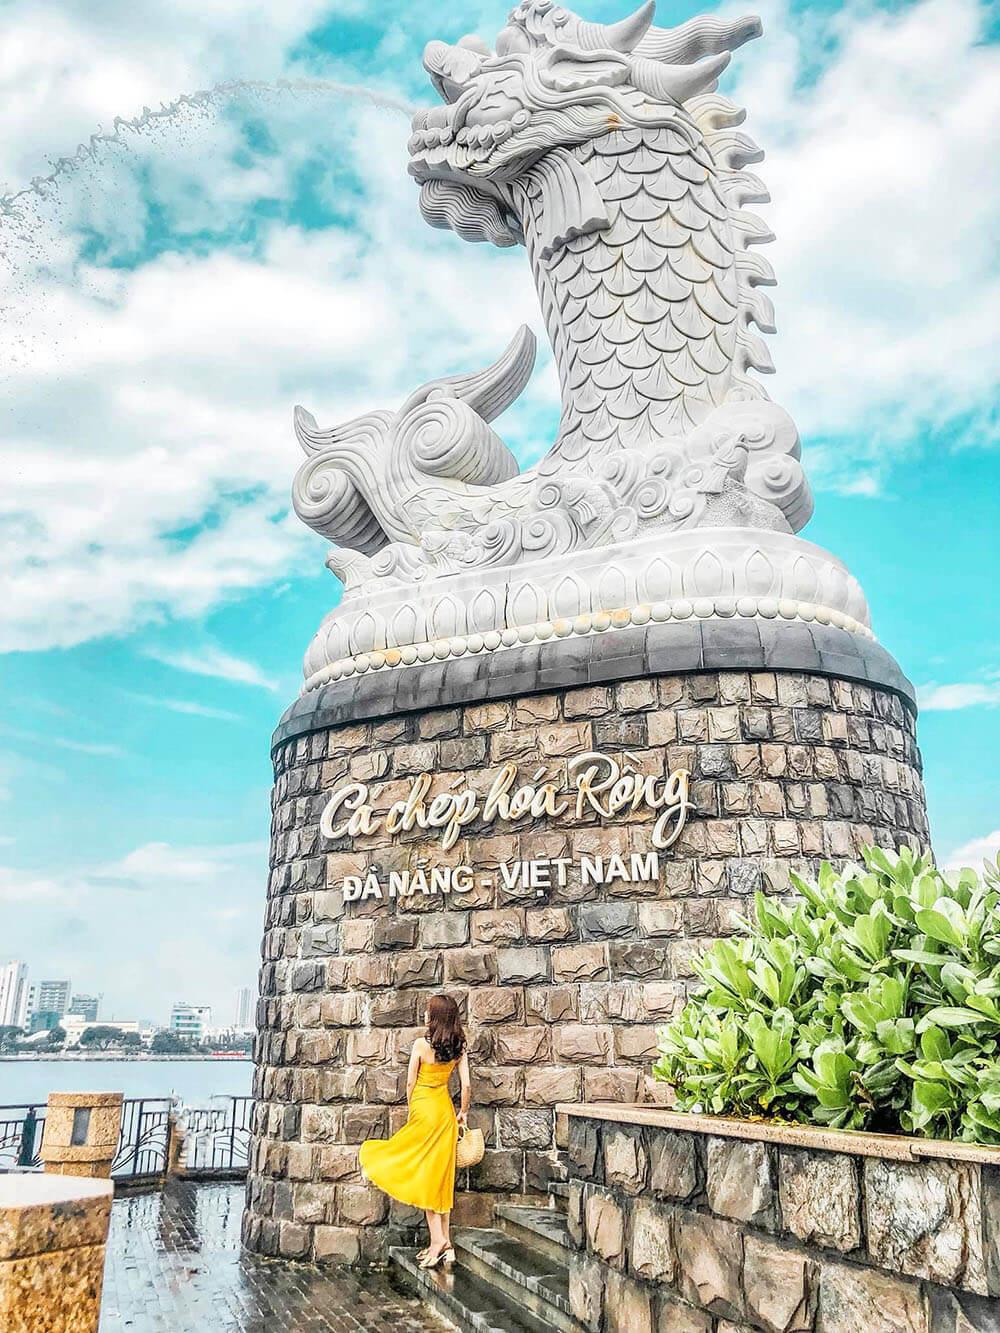 Cau Tinh Yeu Danang Review Chill Cung Chuyen Du Lich Da Nang Hoi An 3n2d 03